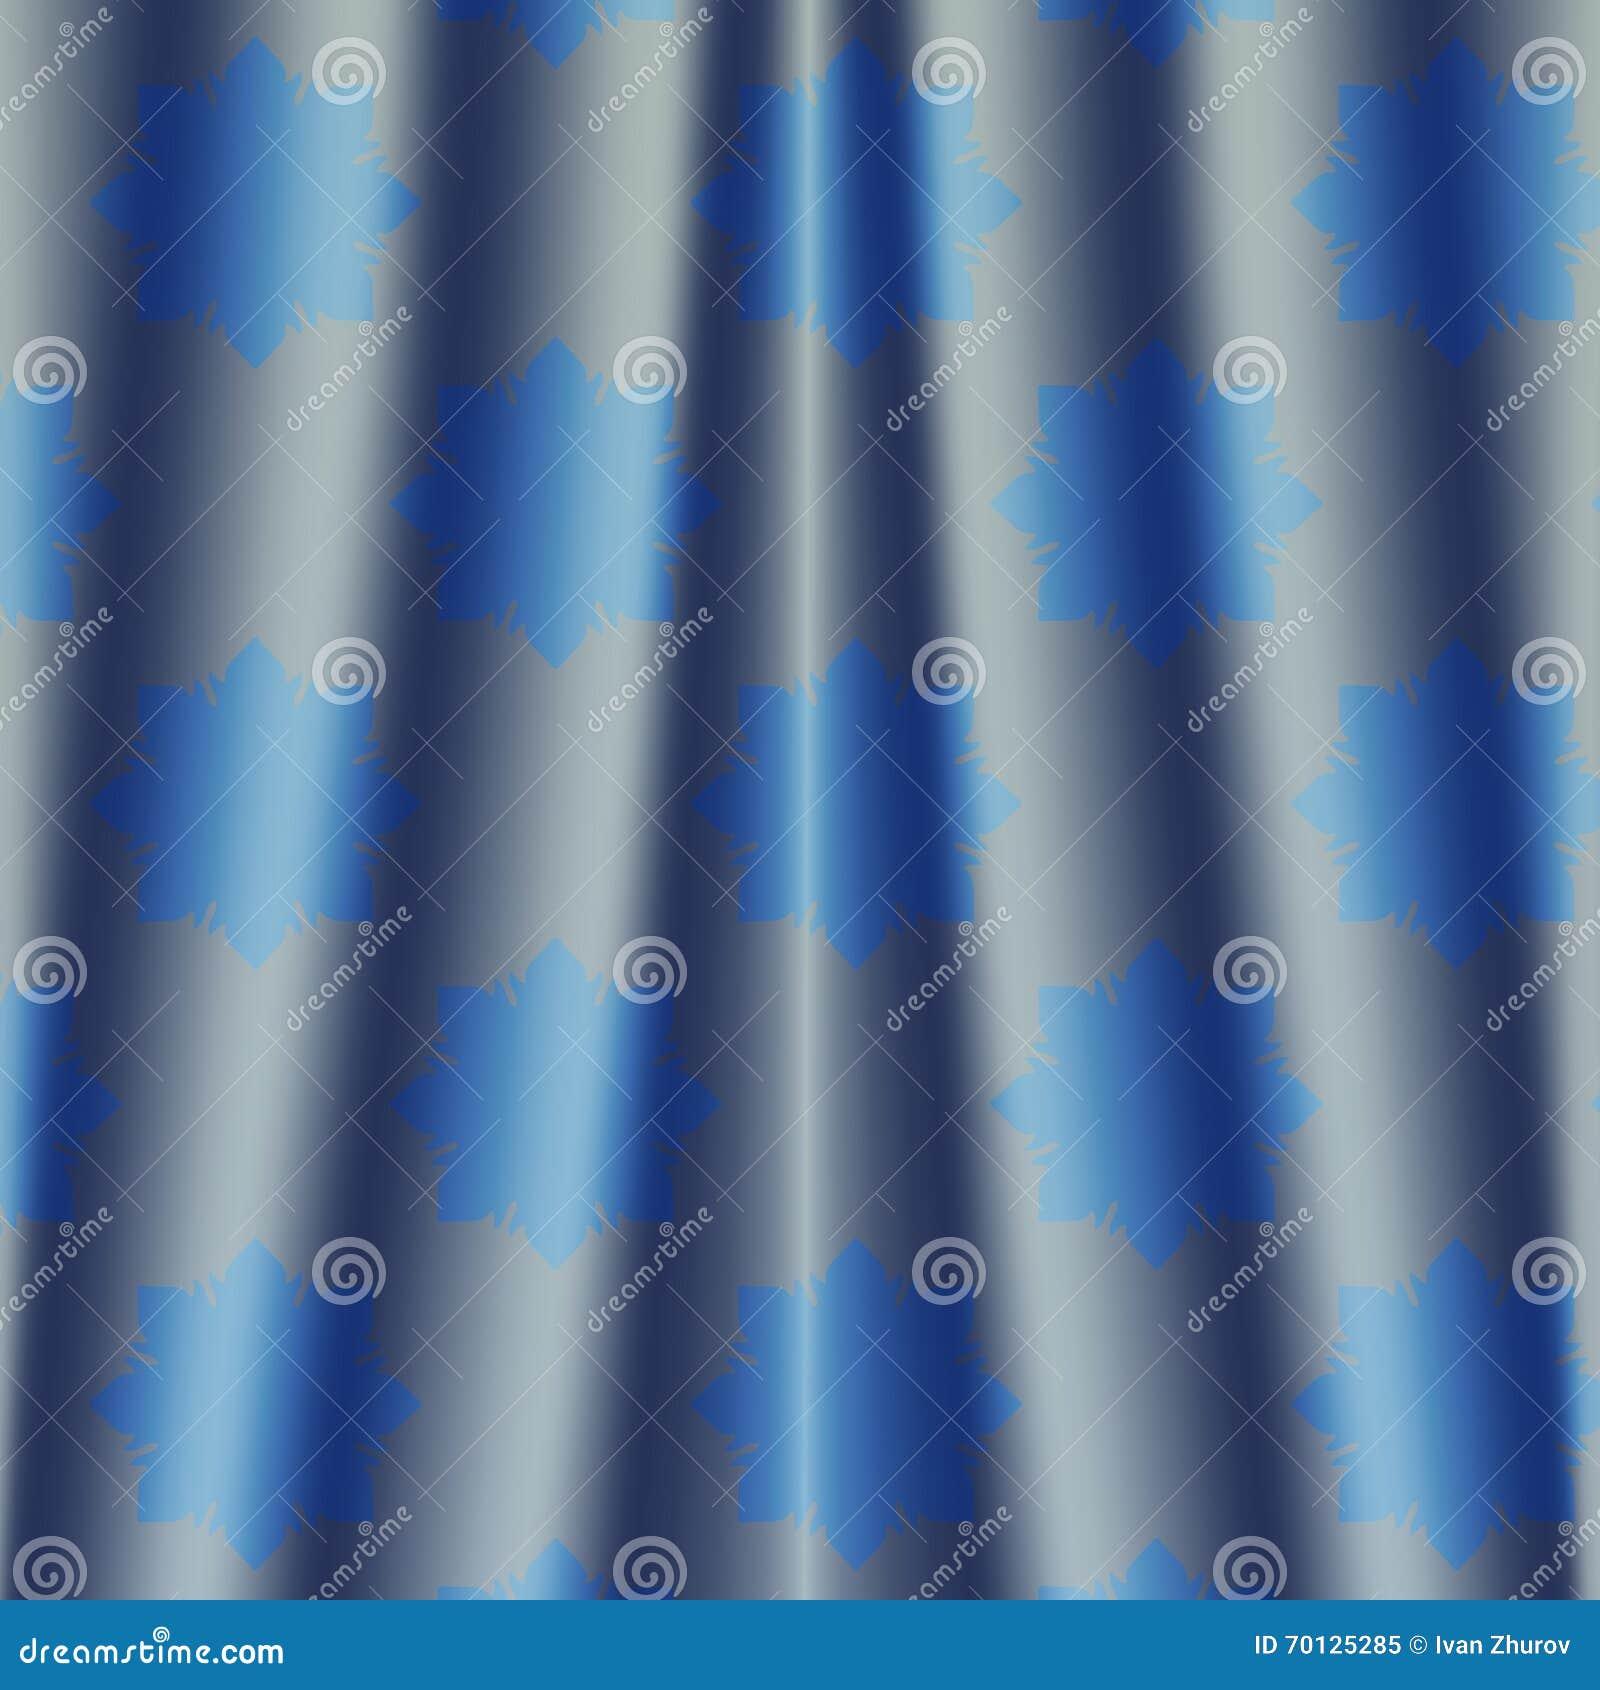 rideau color m tallique profond ment bleu en nuit de tissu avec le mod le de fleur illustration. Black Bedroom Furniture Sets. Home Design Ideas